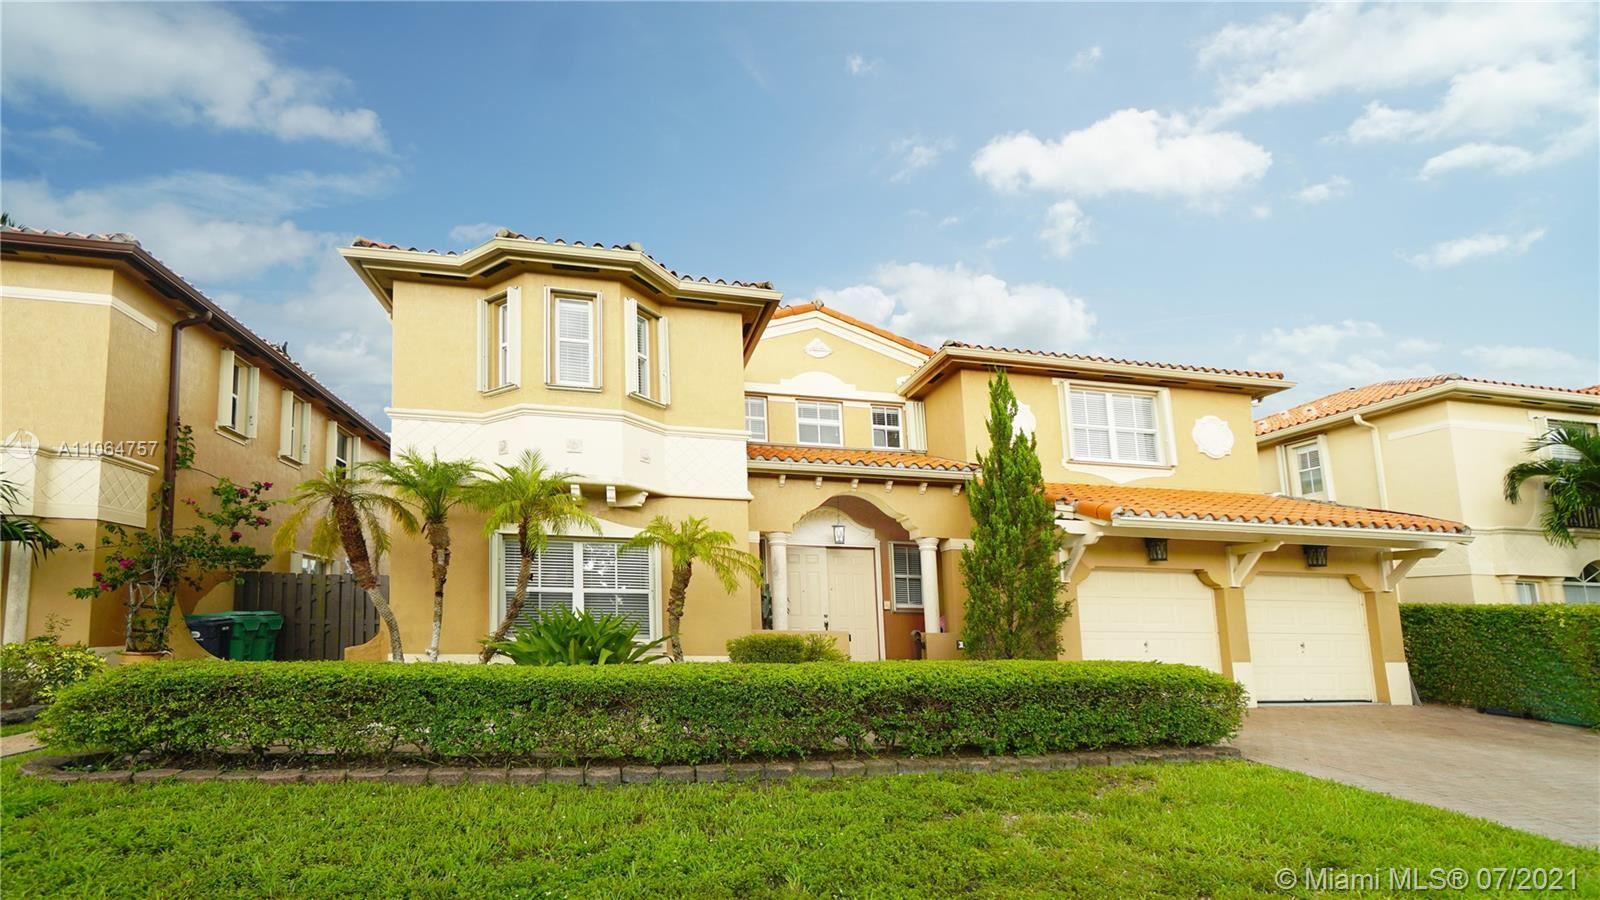 15480 SW 27 Street, Miami, FL 33185 - #: A11064757